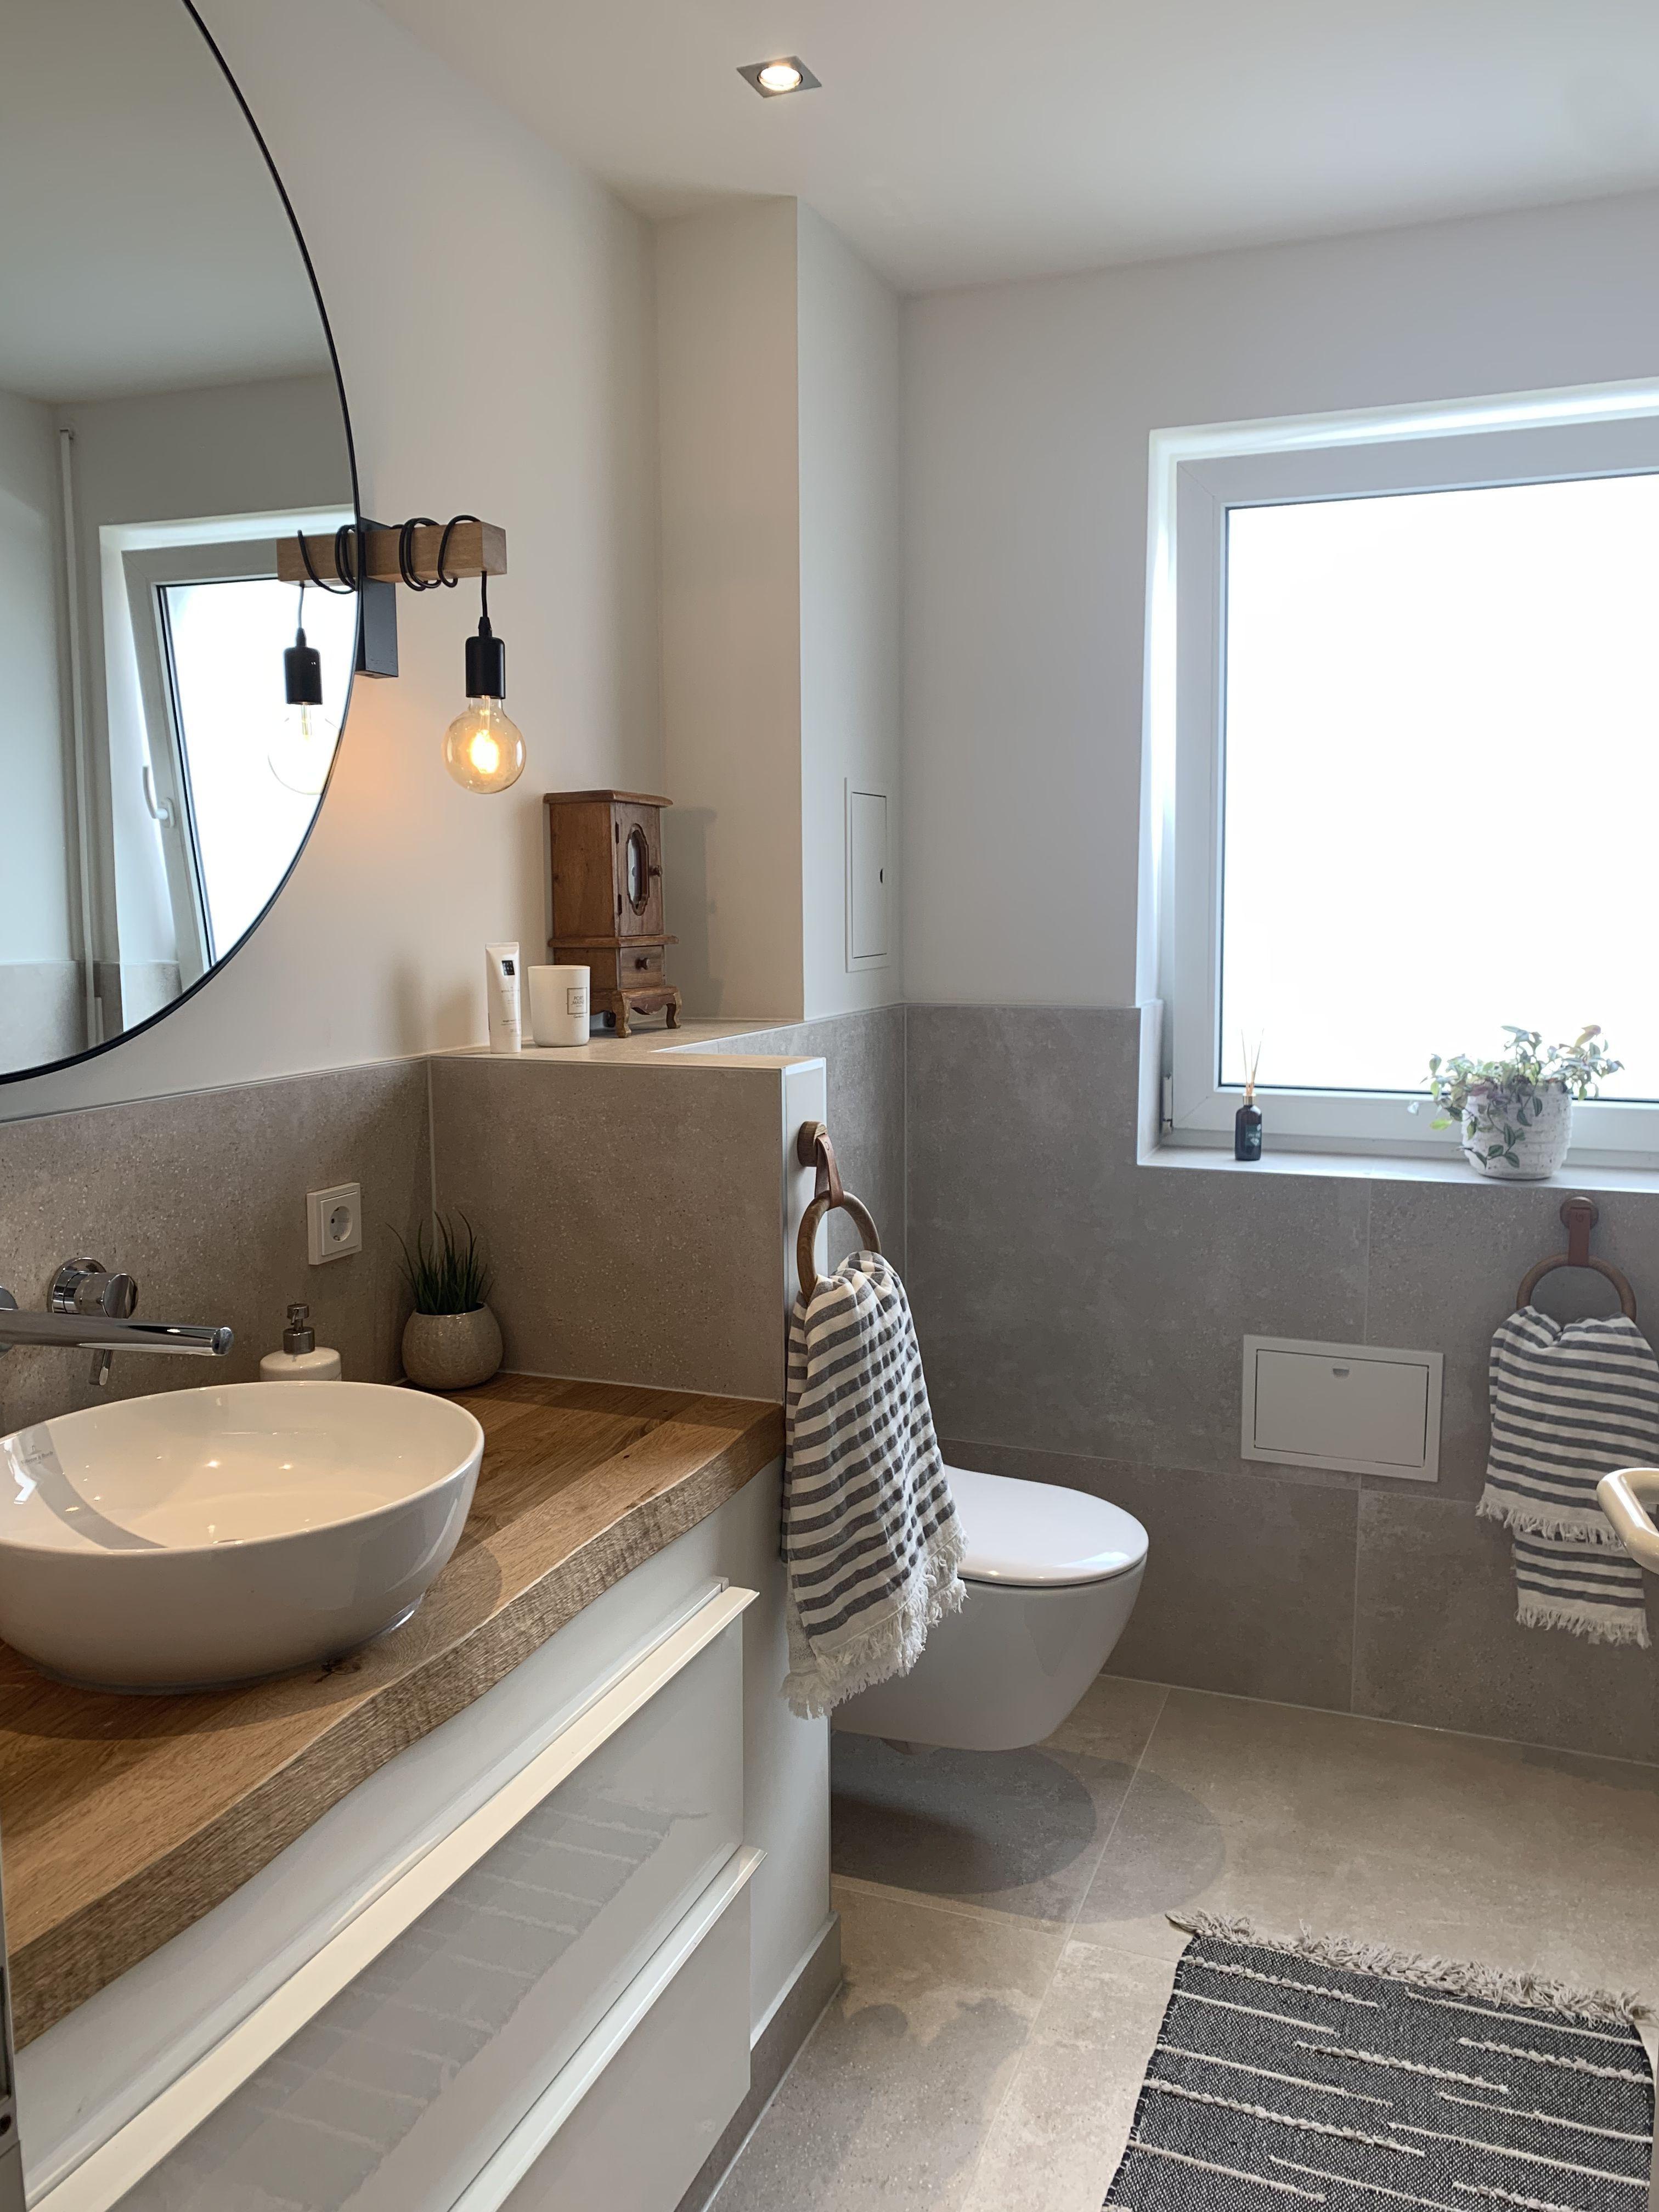 Badezimmer Badmobel Badezimmermobel Badmobel Set Spiegelschrank Bad Badezimmerschrank Bad In 2020 Bathroom Design Bathroom Interior Design Grey Bathroom Interior